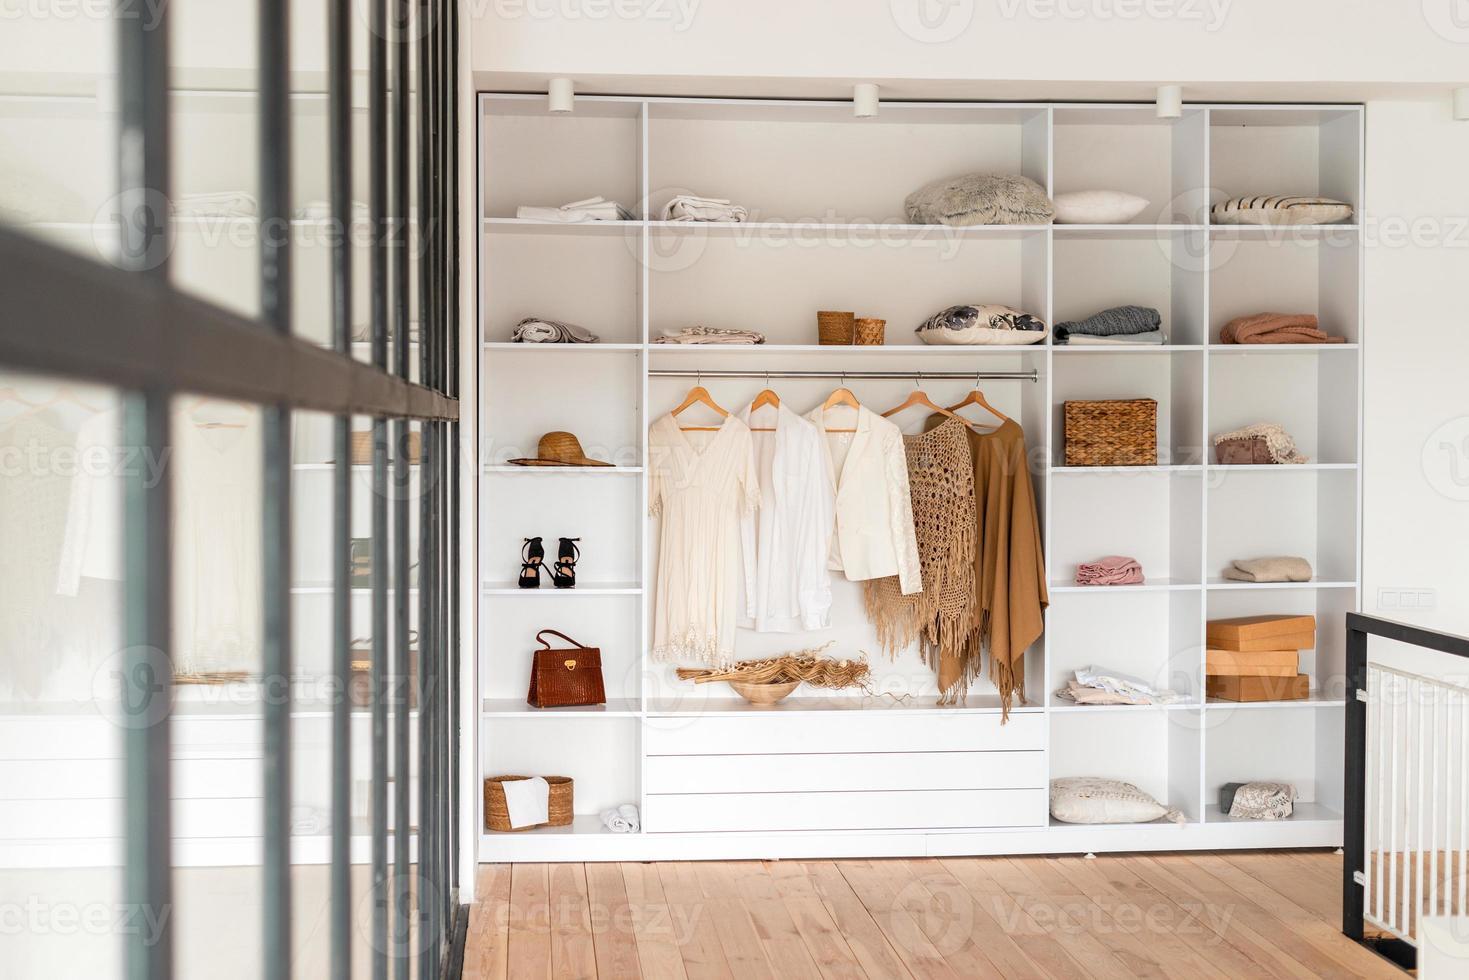 interior moderno, lindo guarda-roupa com roupas foto